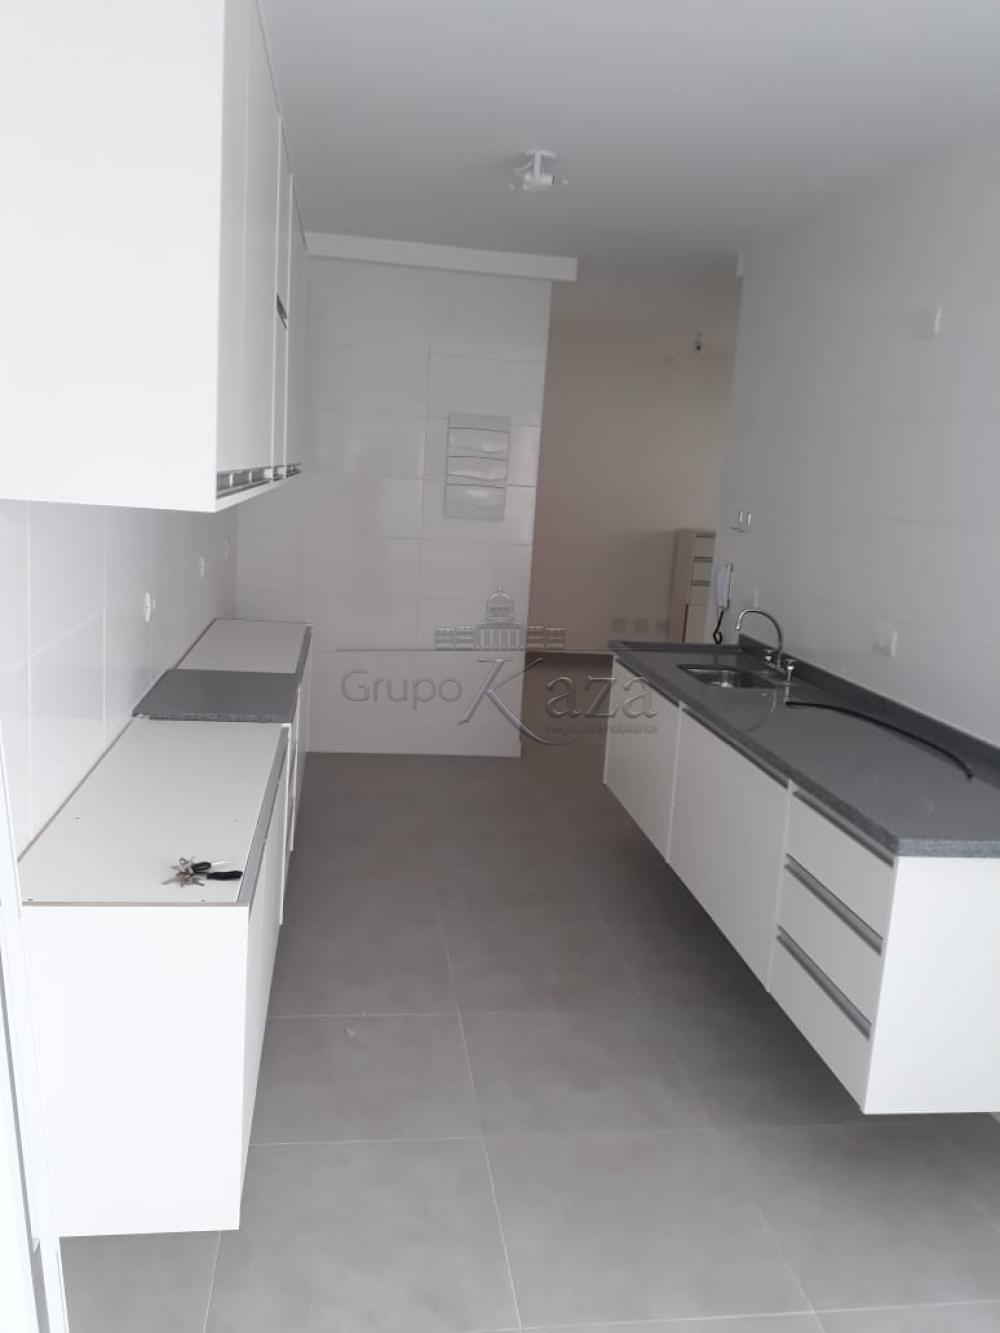 Alugar Apartamento / Padrão em São José dos Campos apenas R$ 2.100,00 - Foto 8